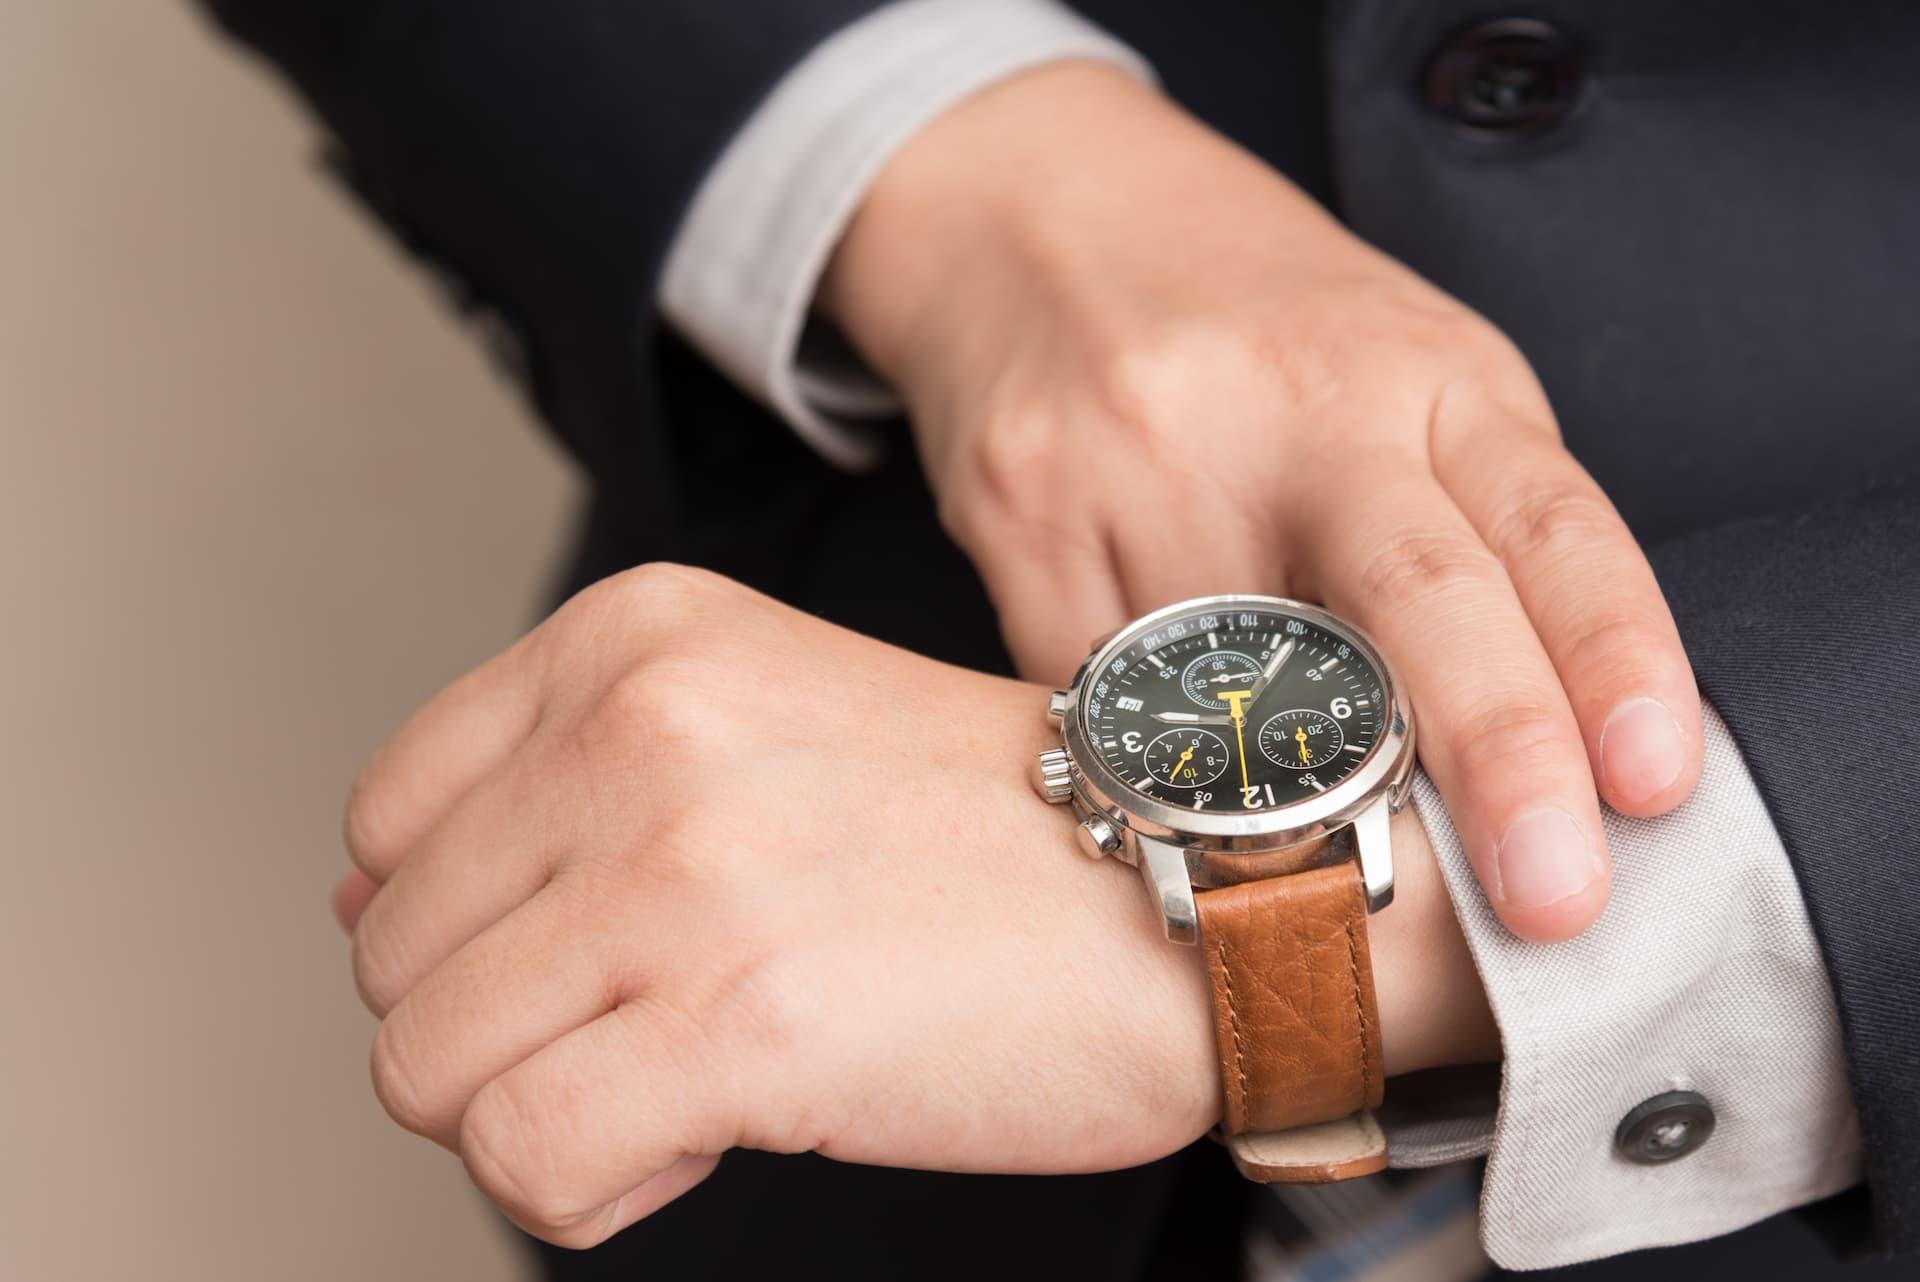 Cómo ajustar un reloj correctamente